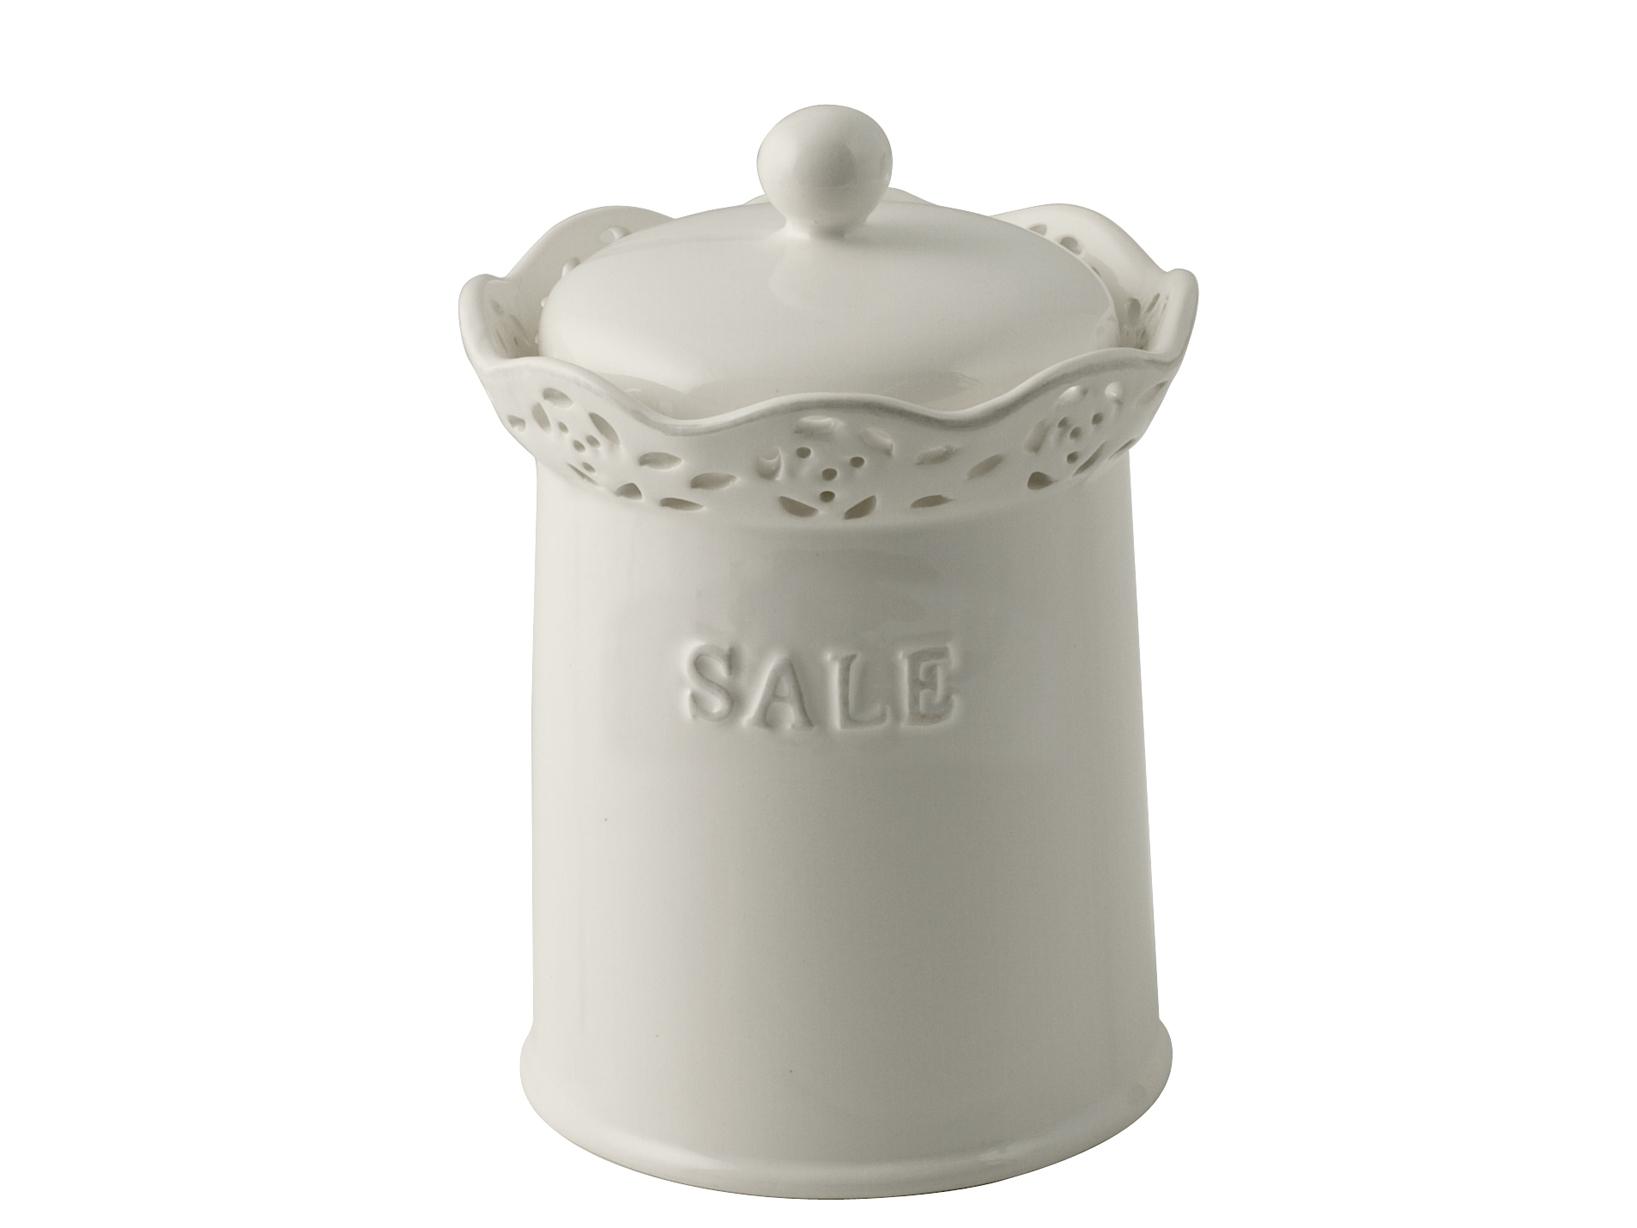 Acquista Barattolo Ceramica Tondo Sale 17528097 | Glooke.com